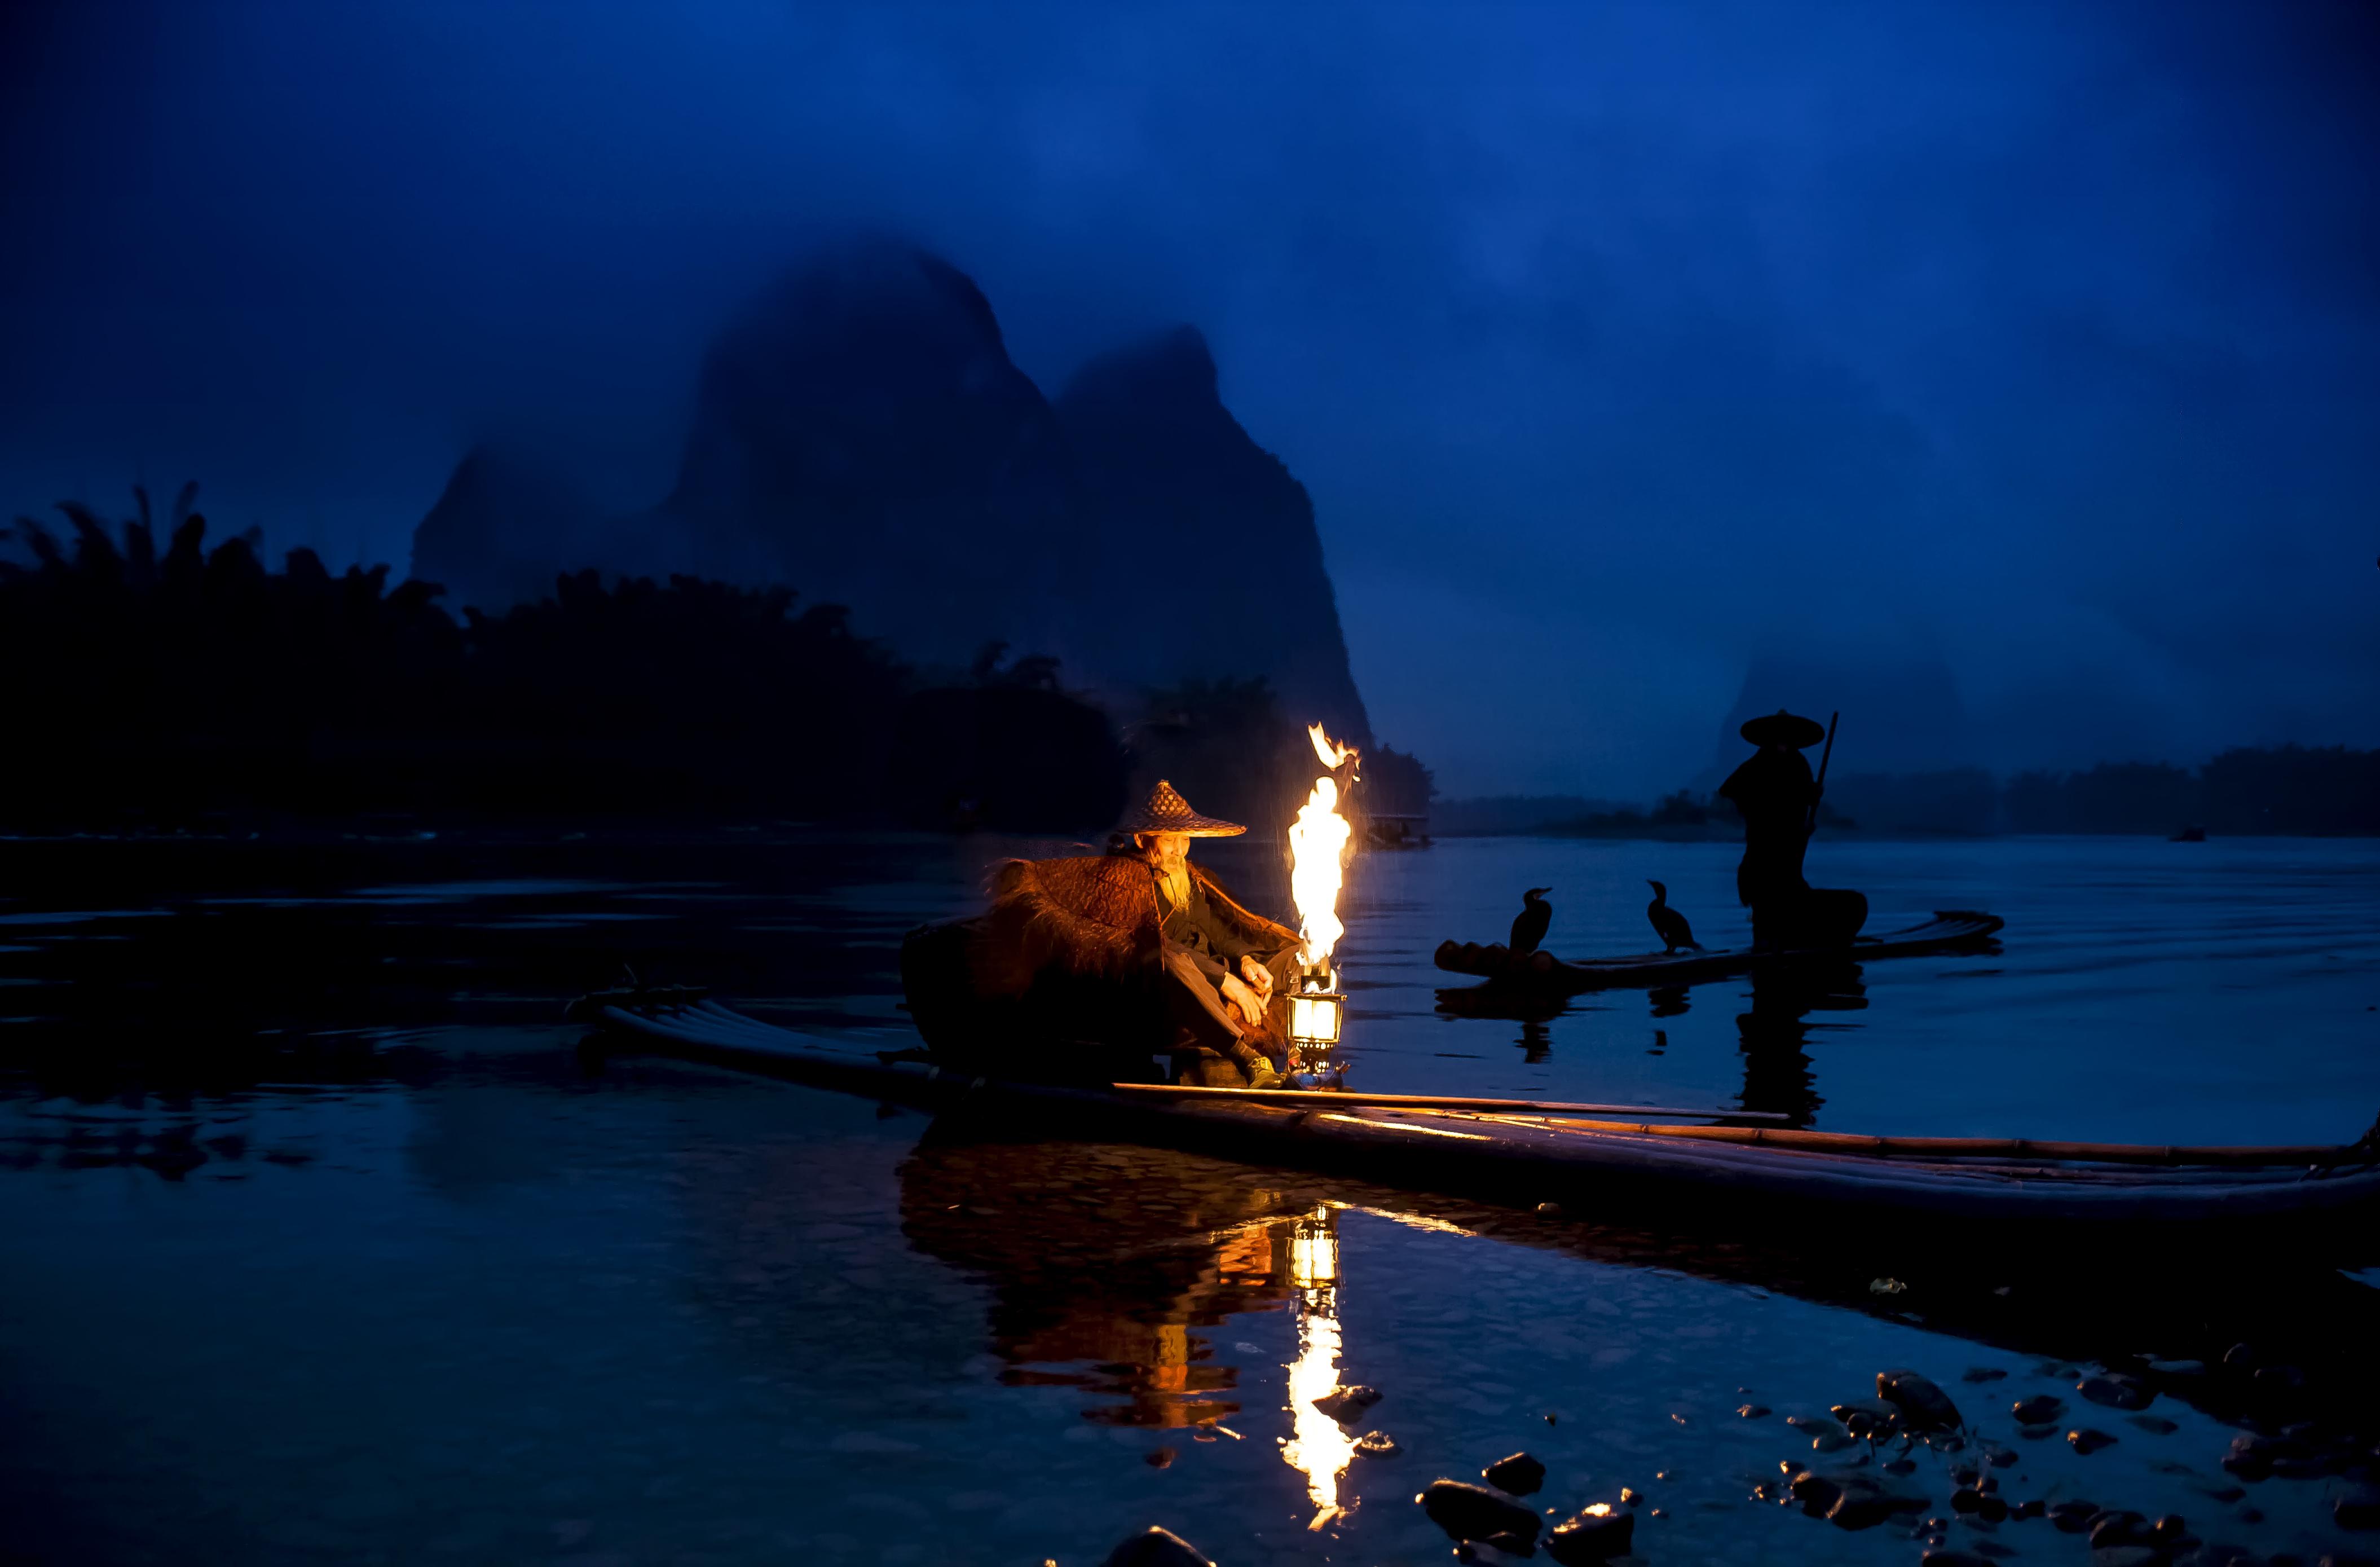 лодки ночь  № 3506459 бесплатно